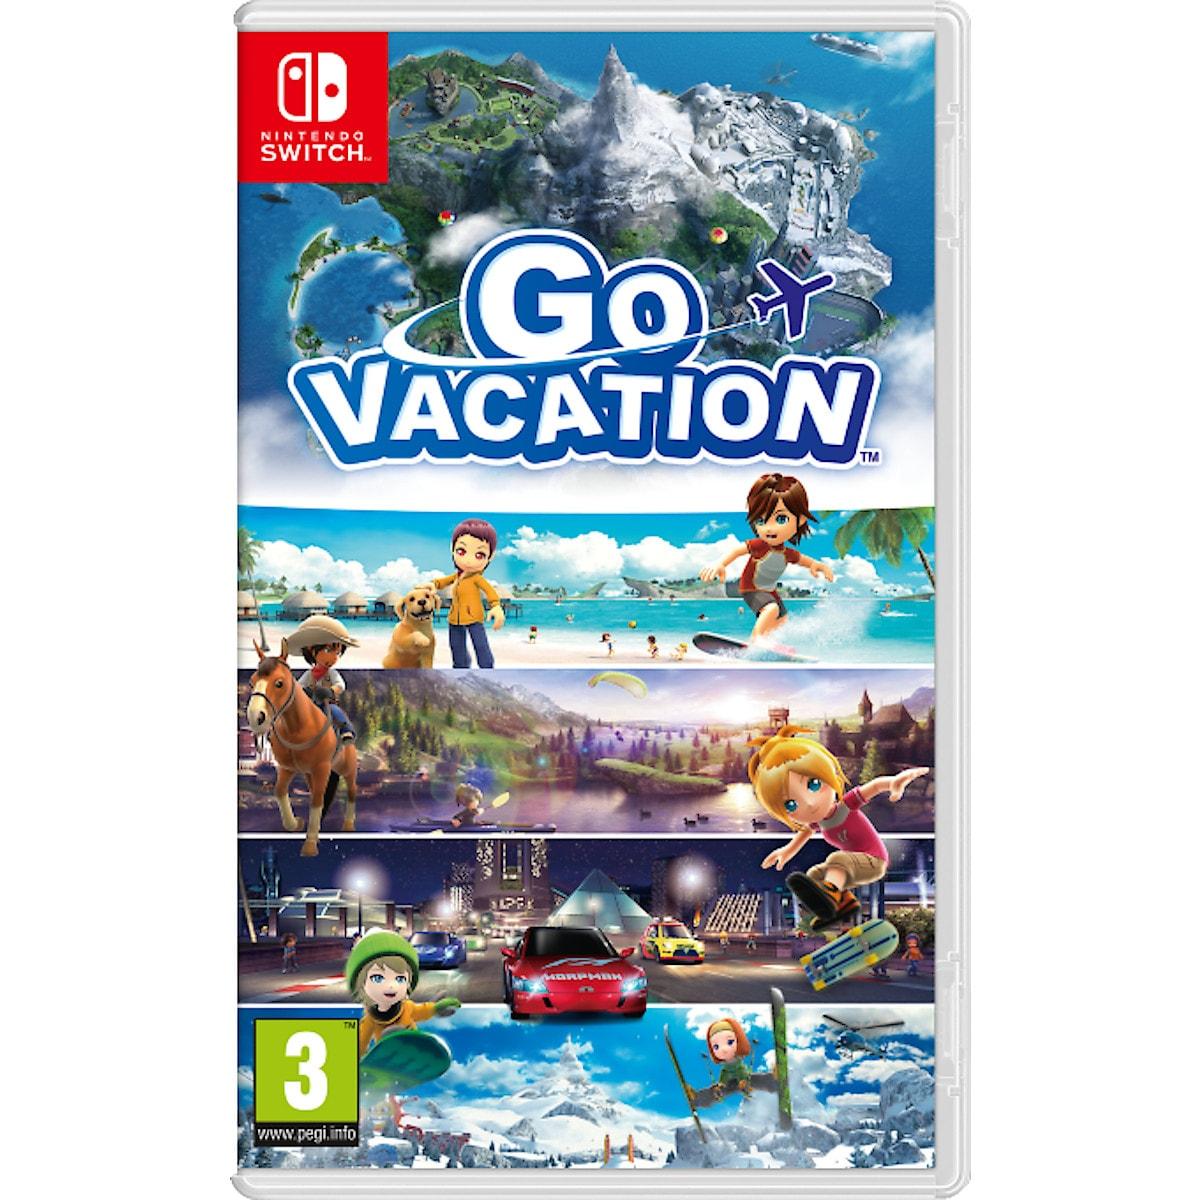 Go Vacation, spel till Nintendo Switch